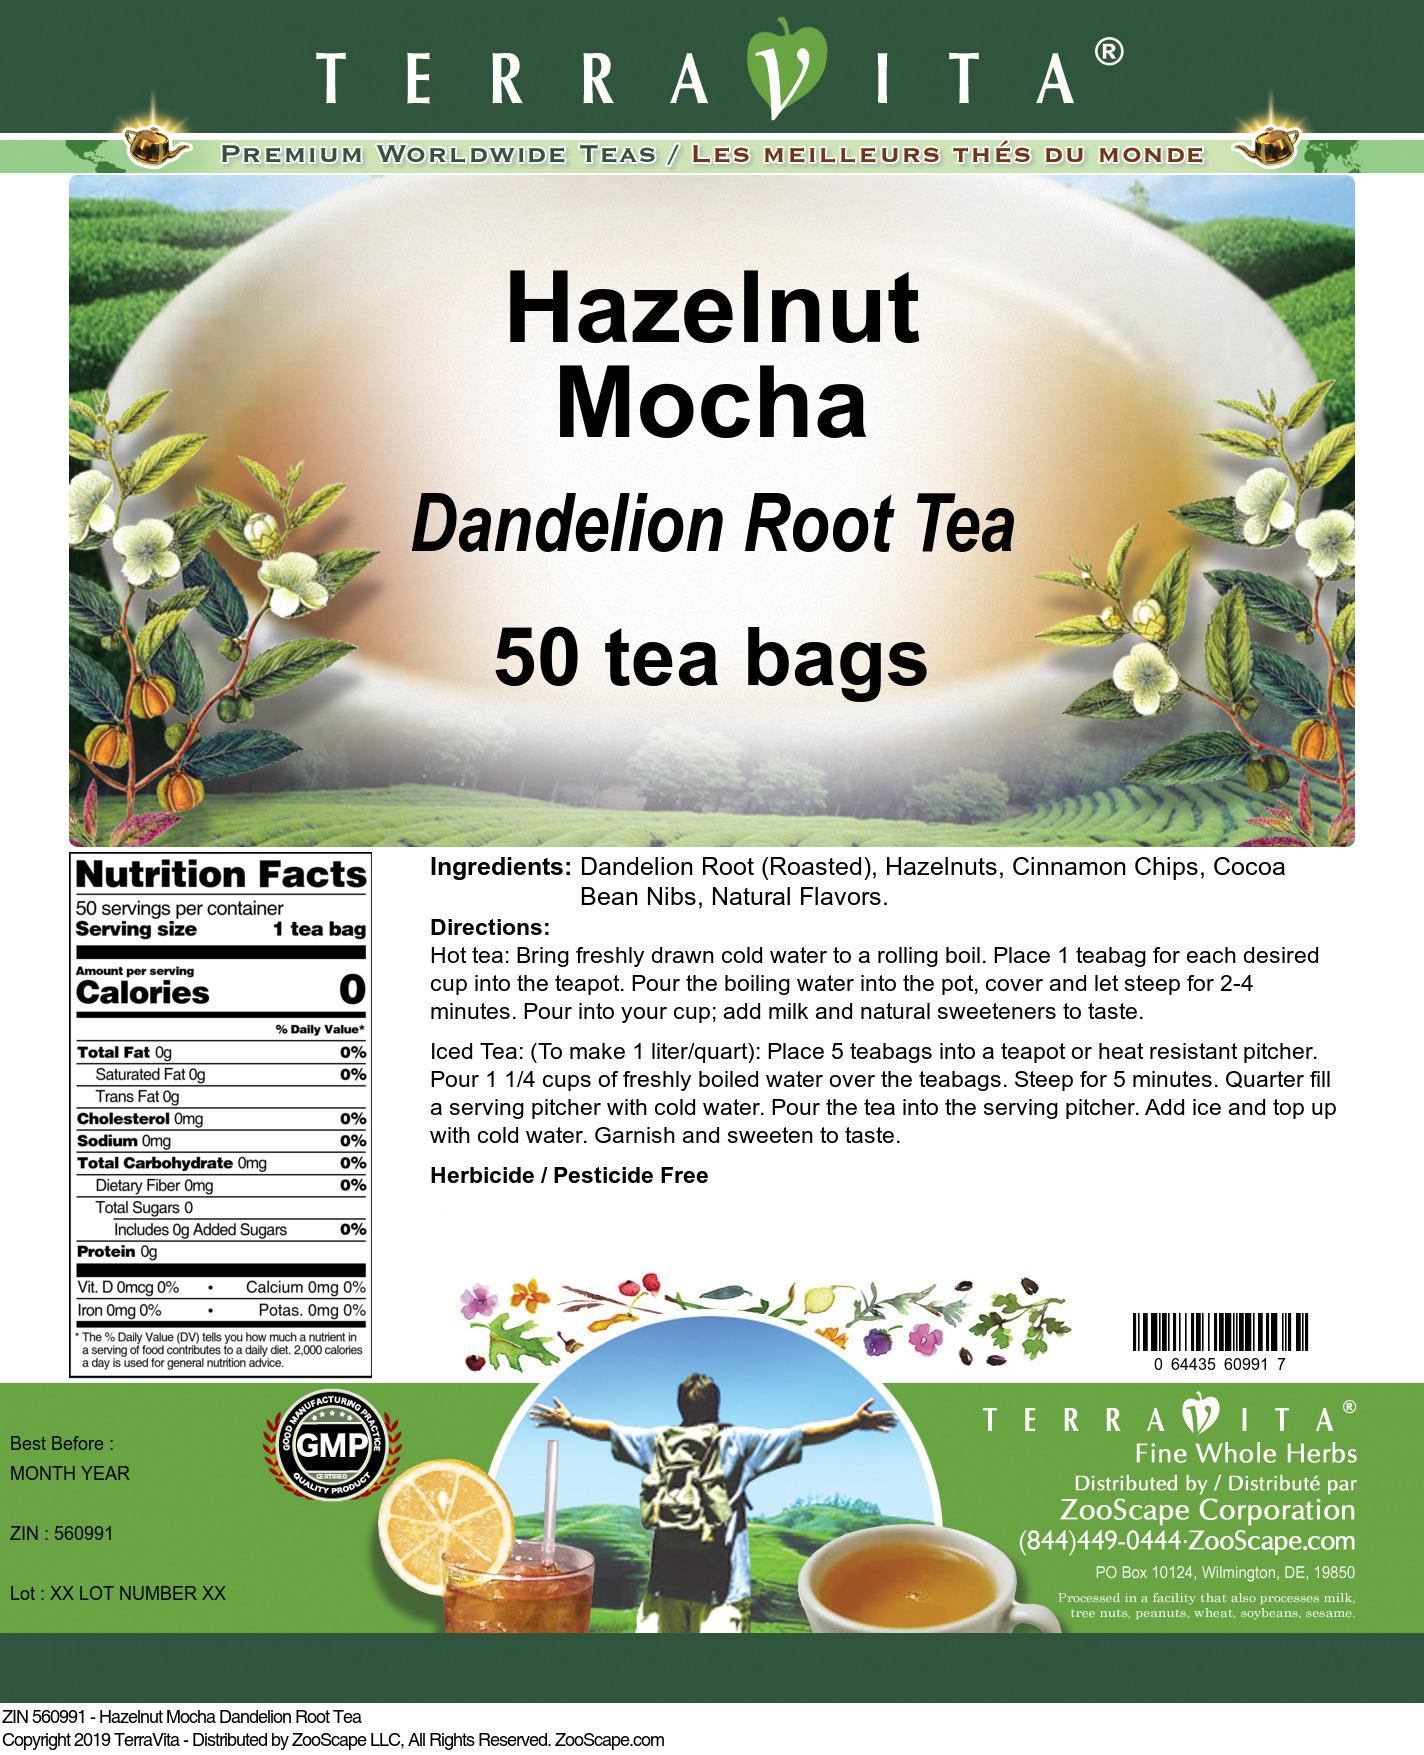 Hazelnut Mocha Dandelion Root